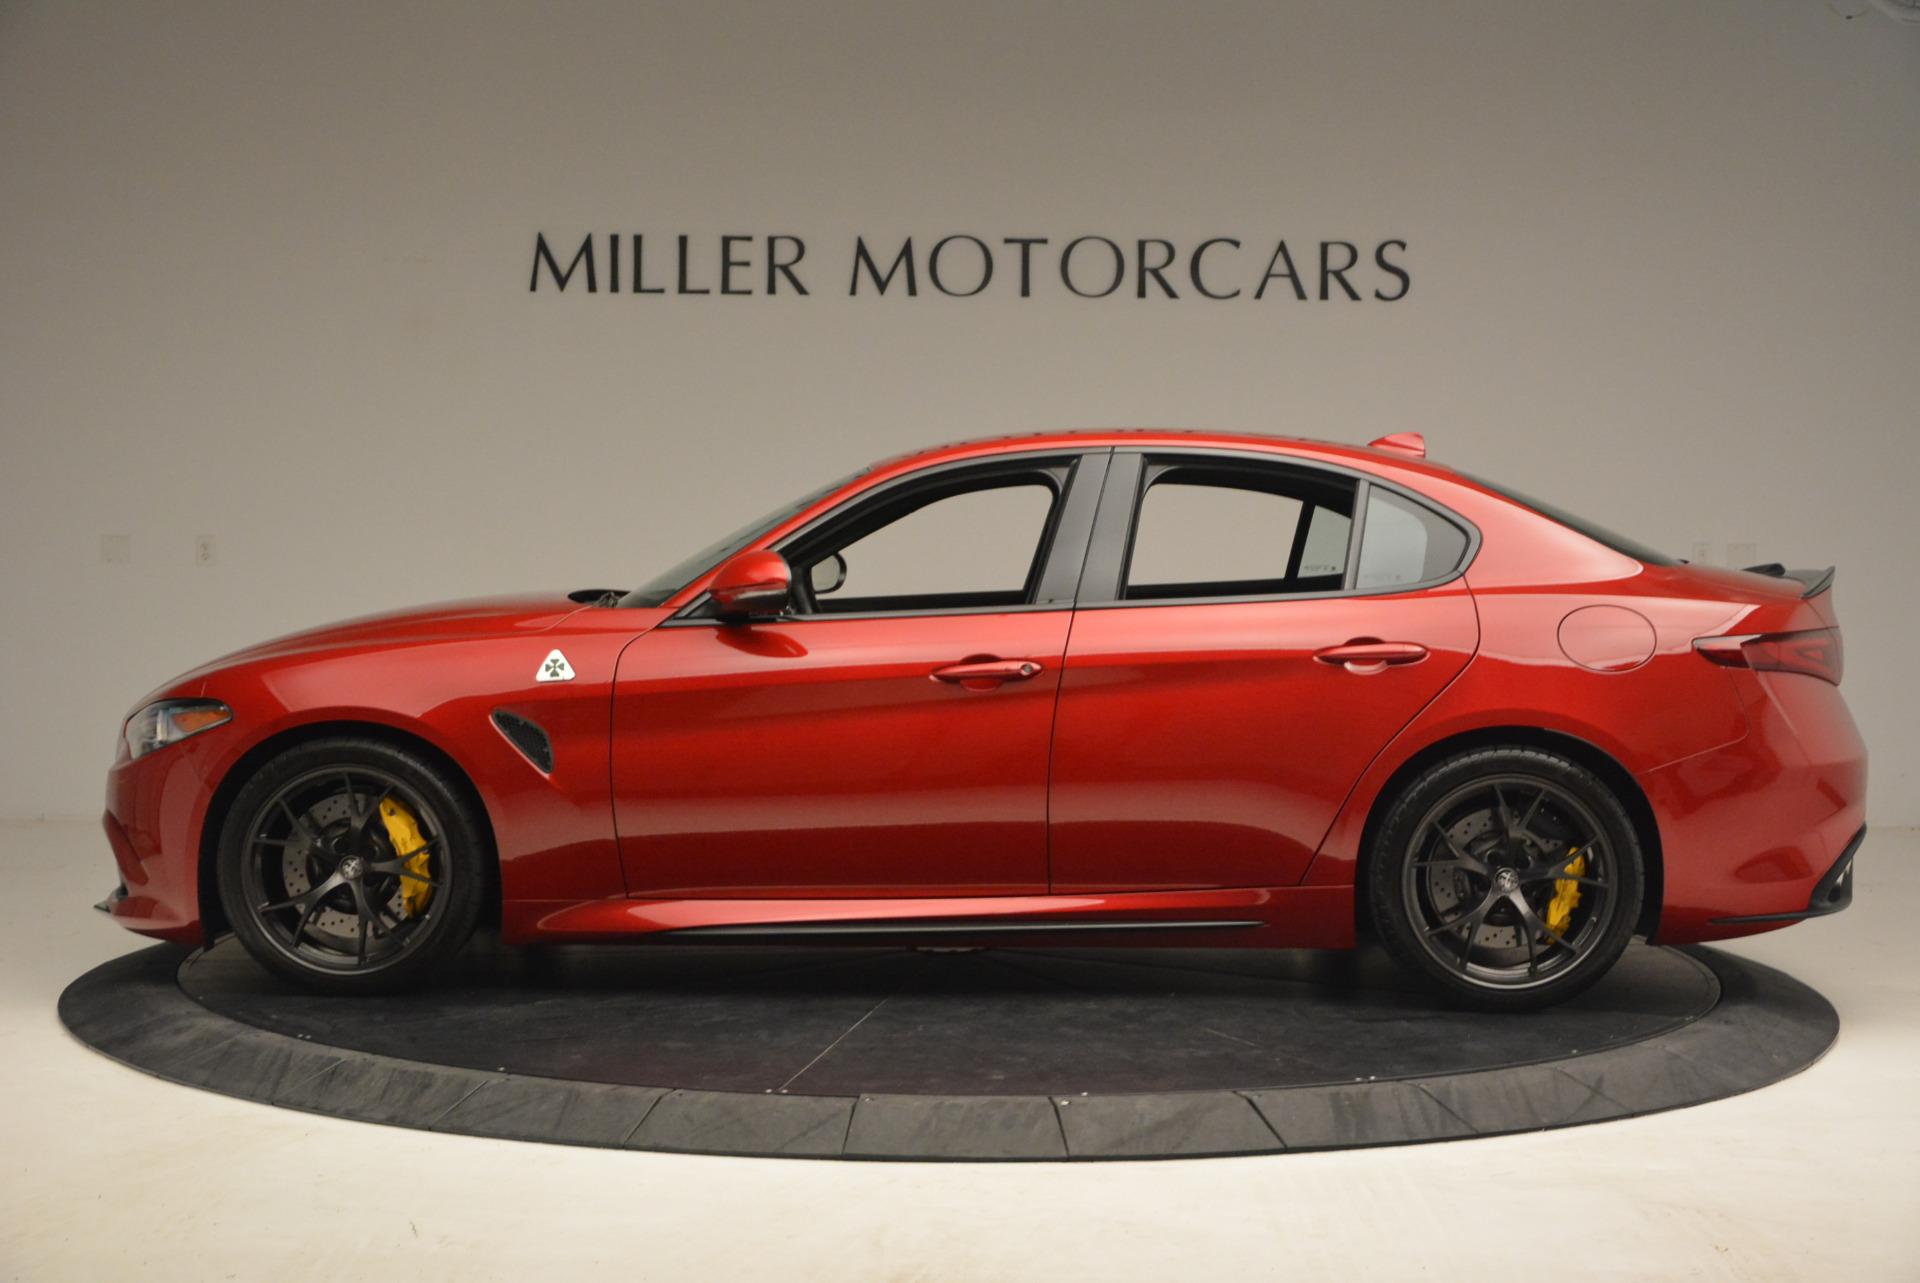 Used 2017 Alfa Romeo Giulia Quadrifoglio For Sale In Westport, CT 1245_p3